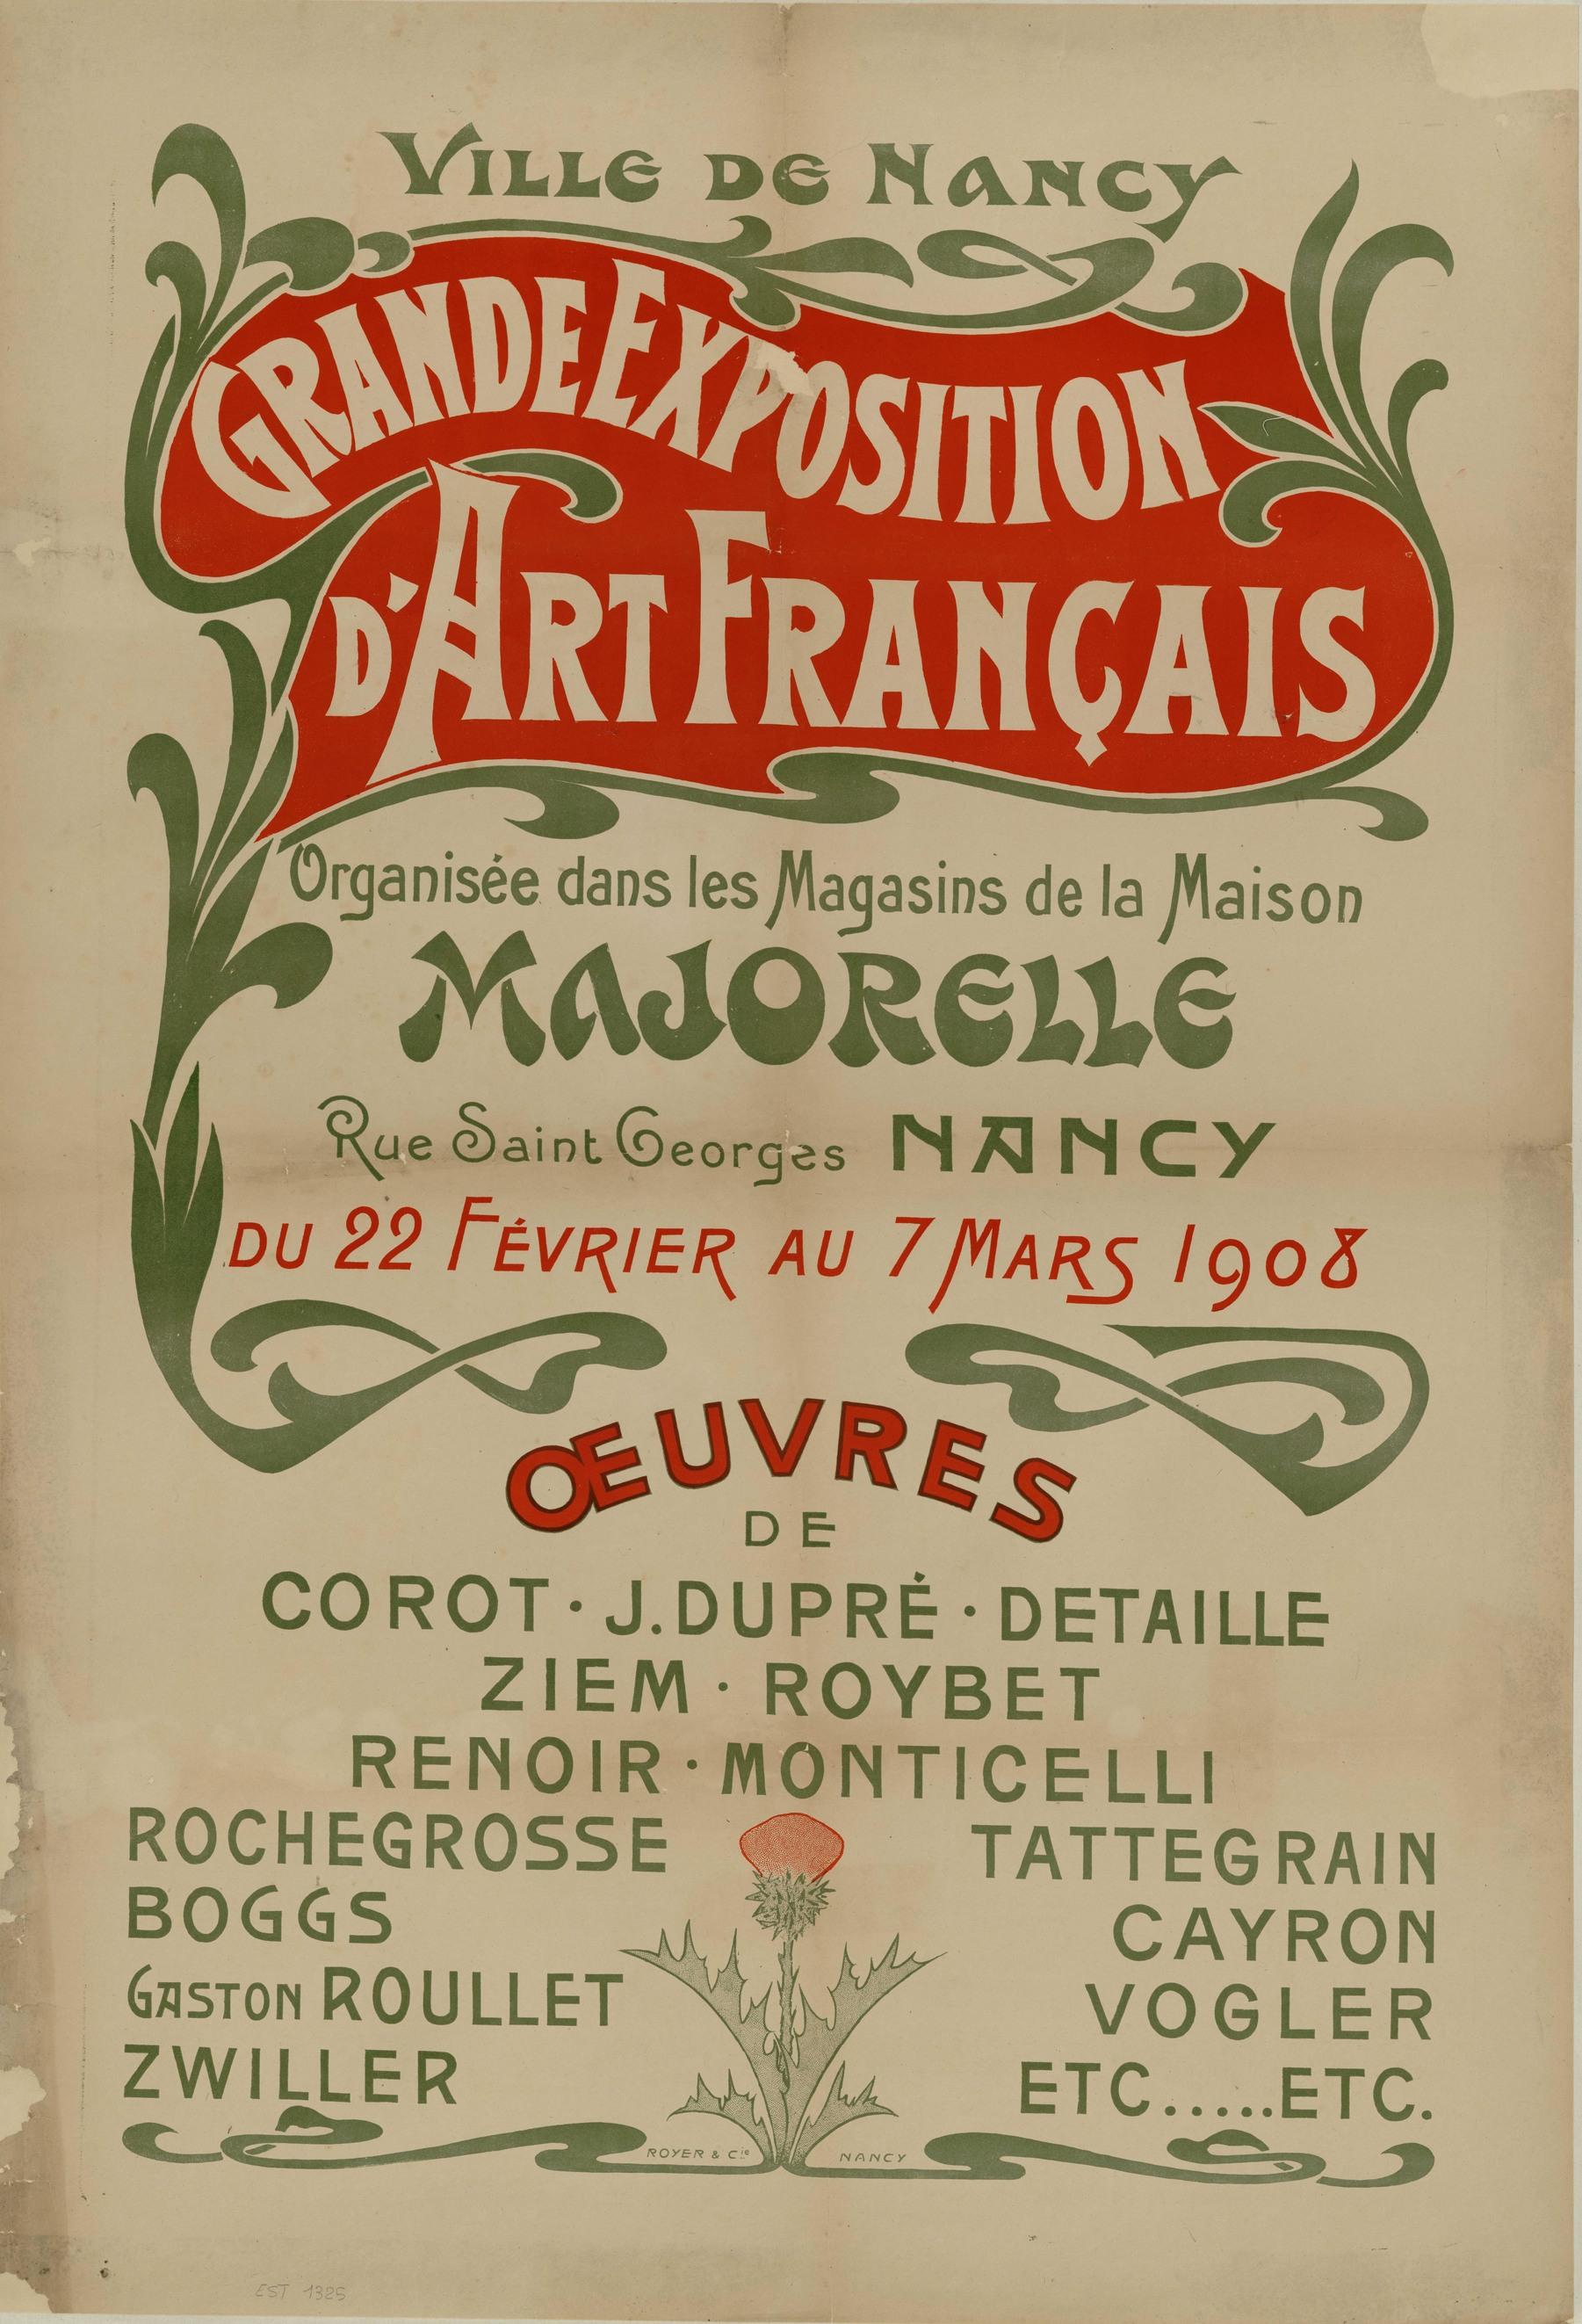 Contenu du Grande exposition d'art français organisée dans les magasins de la Maison Majorelle rue Saint-Georges Nancy du 22 février au 7 mars 1908